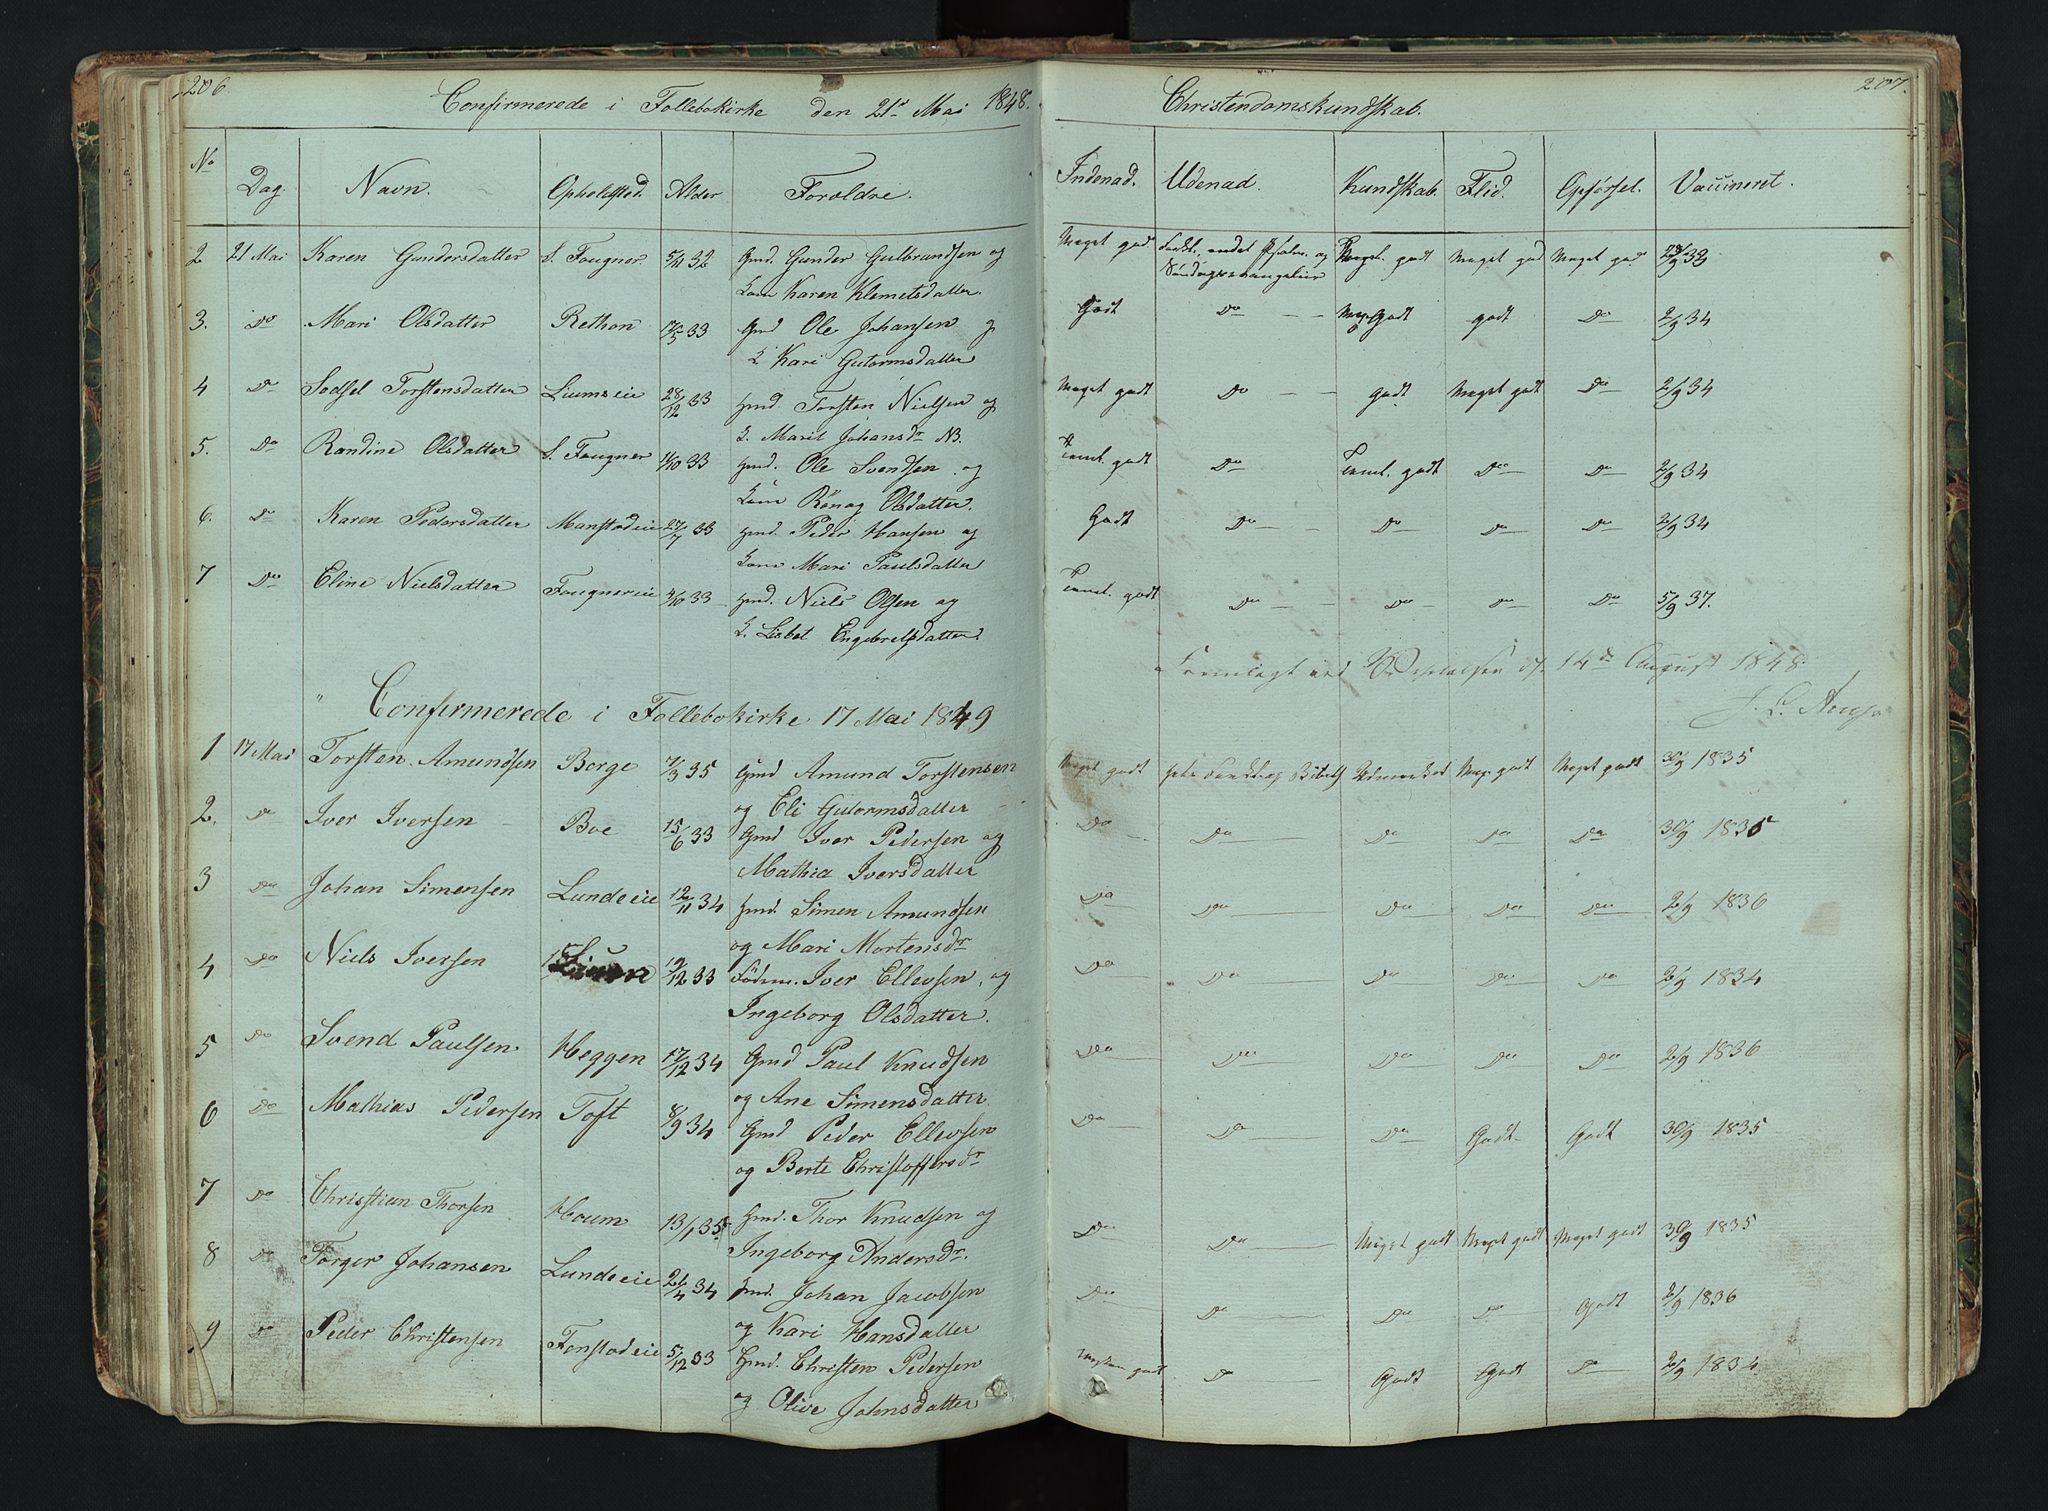 SAH, Gausdal prestekontor, Klokkerbok nr. 6, 1846-1893, s. 206-207